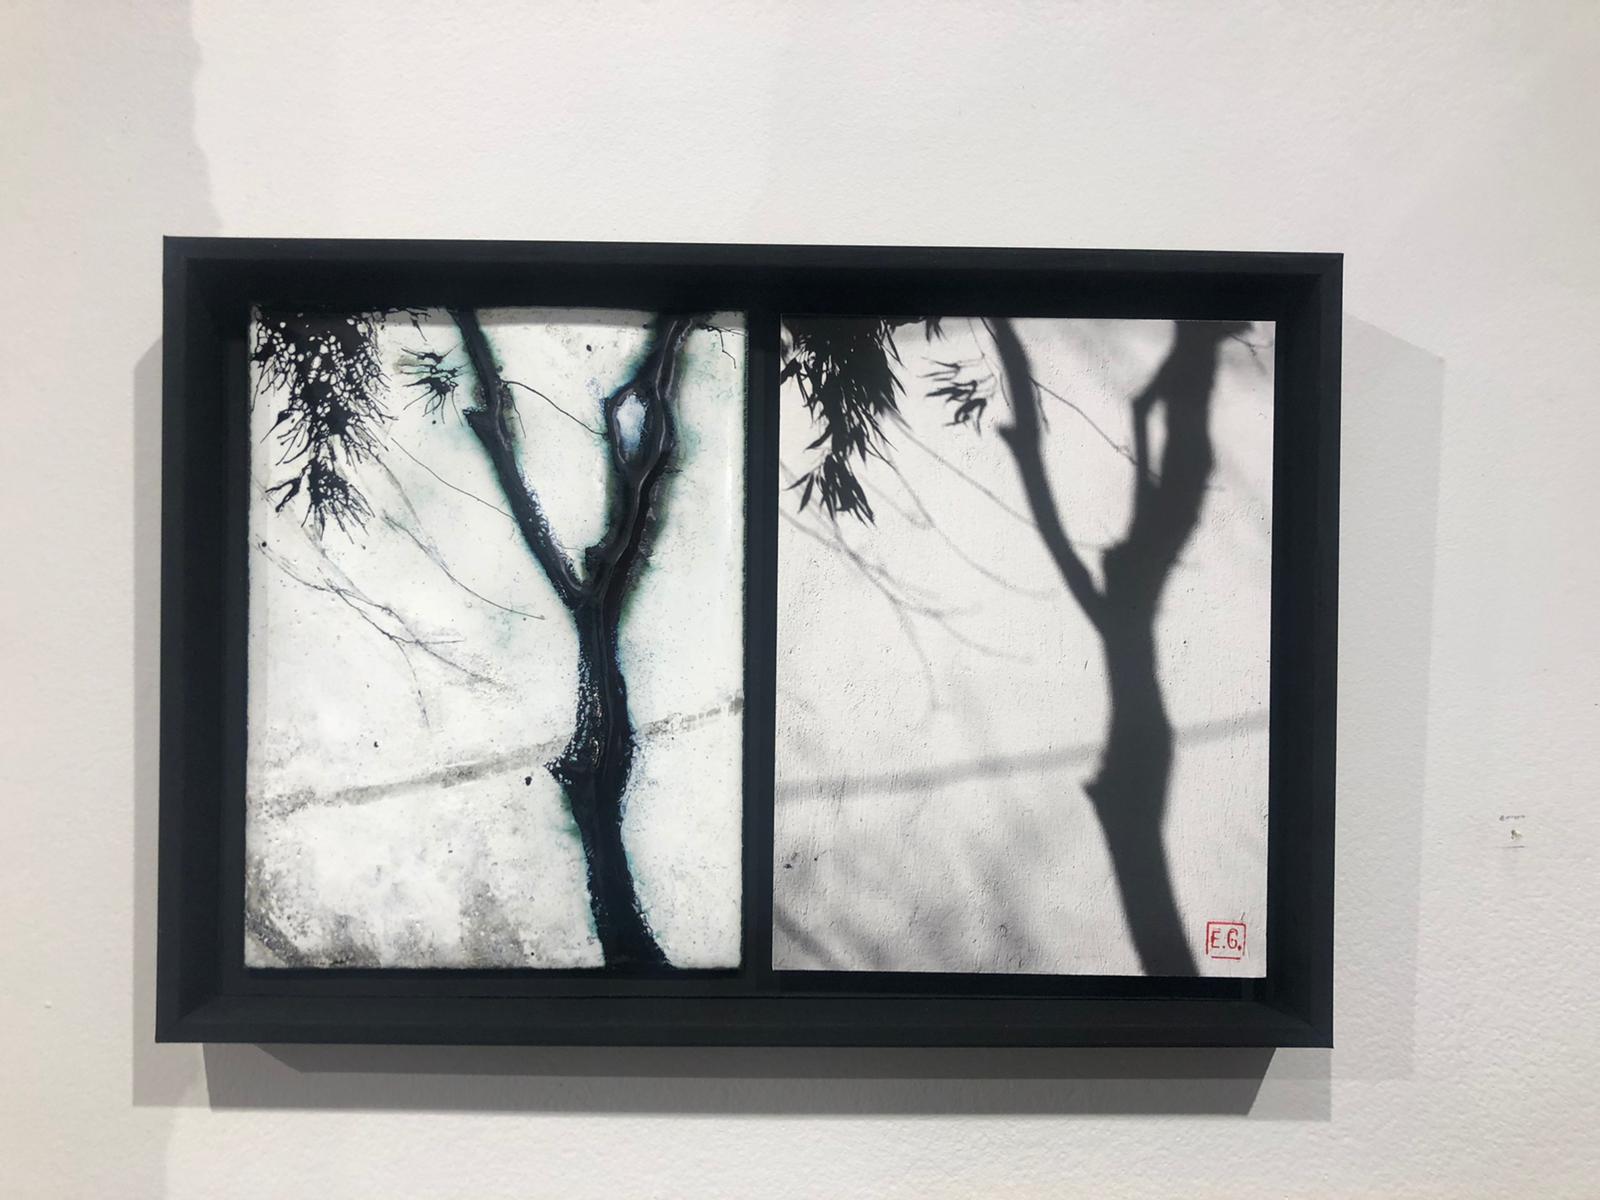 Tableau représentant l'ombre d'un arbre bercé par le vent - à gauche la version émaillée et à droite la photo